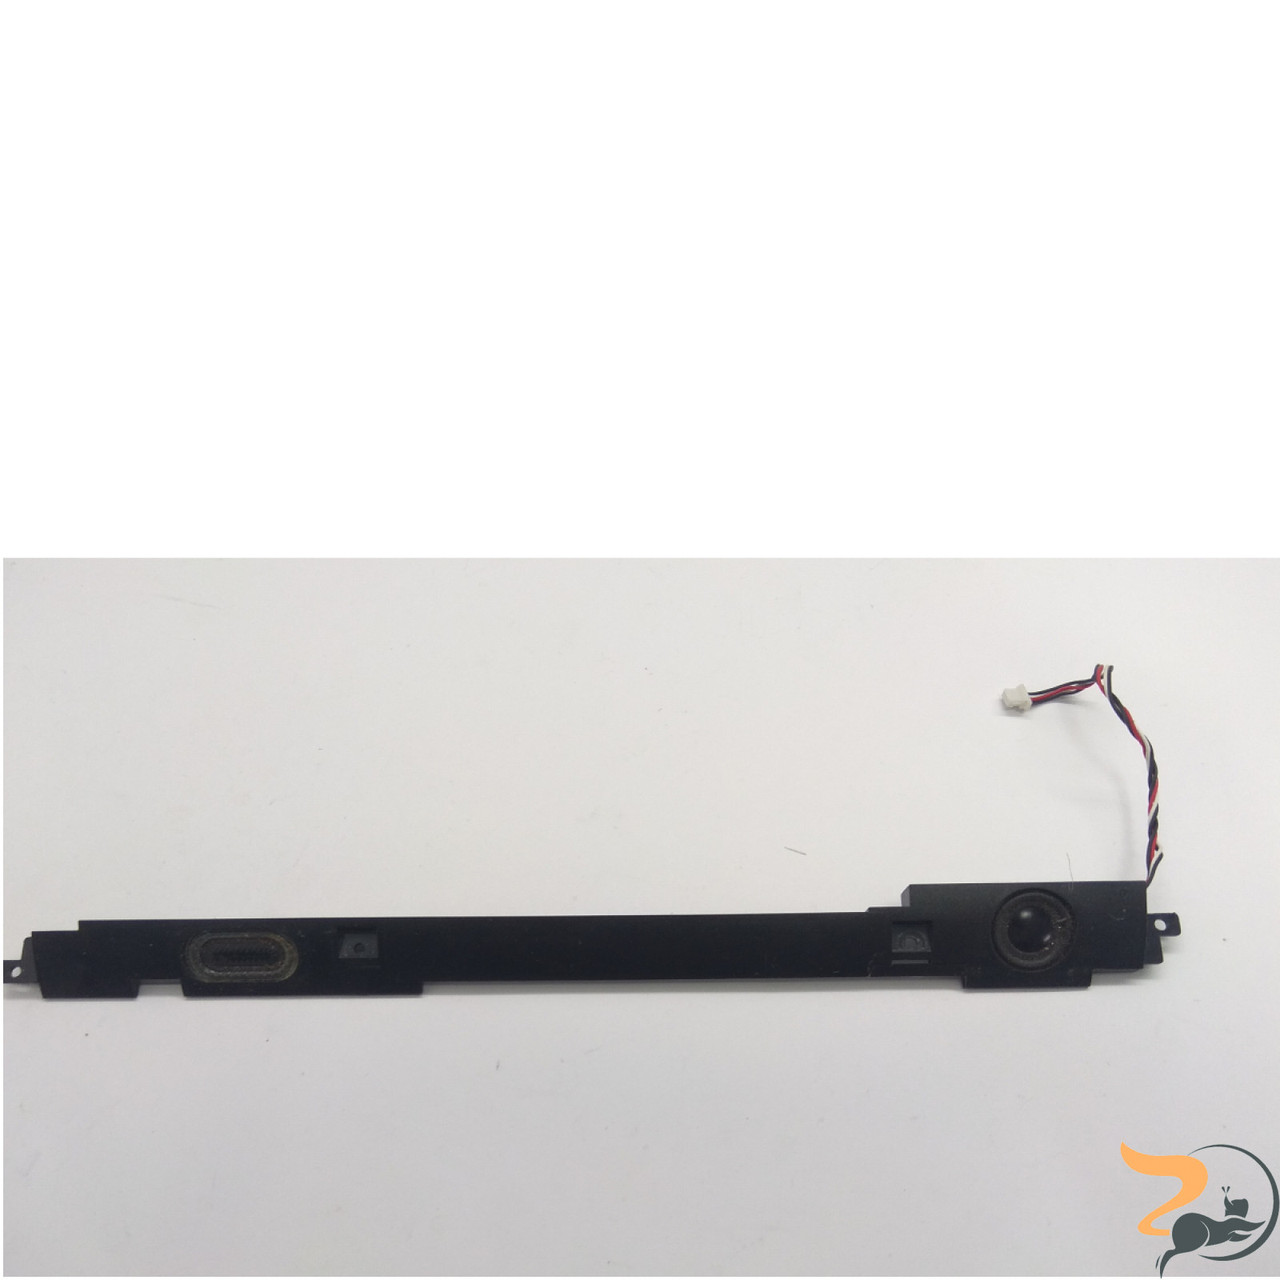 Динаміки для ноутбука Asus F453M, 01230100, Б/В. В хорошому стані, без пошкоджень.